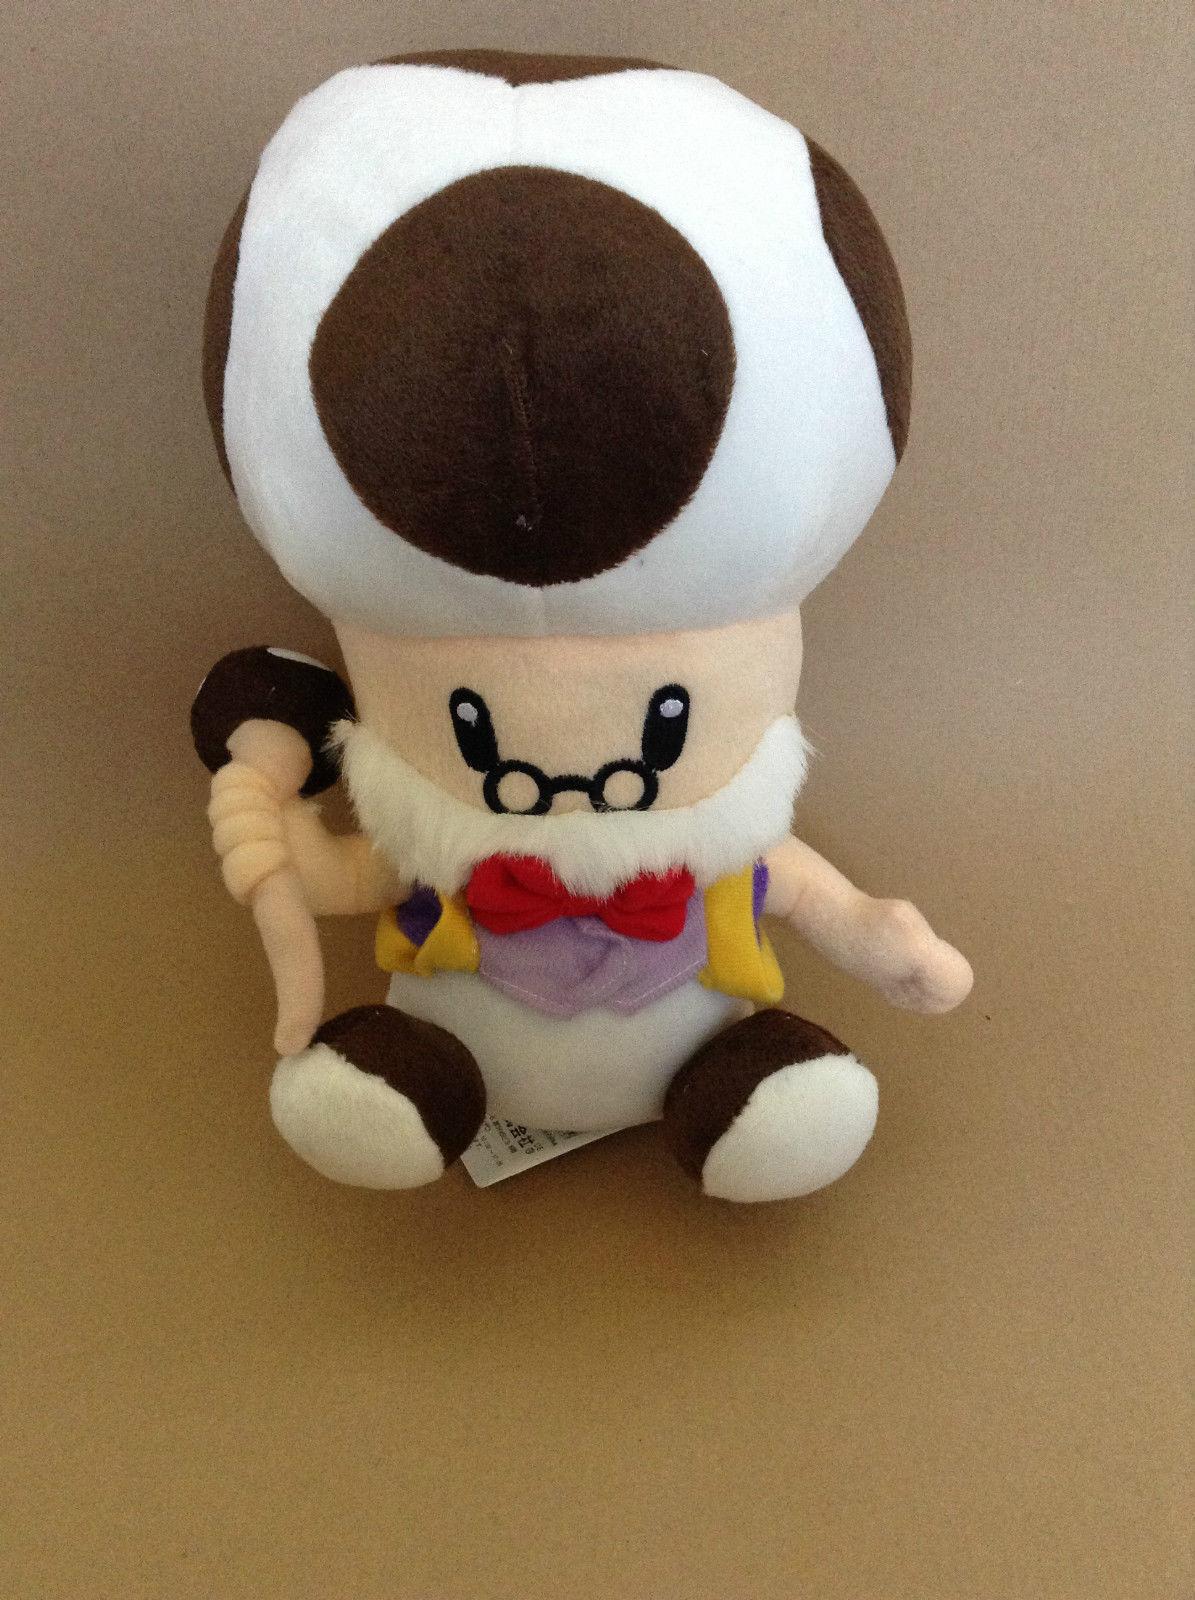 Super Mario Luma Bros Plush Old Man Toad Toadsworth 10in